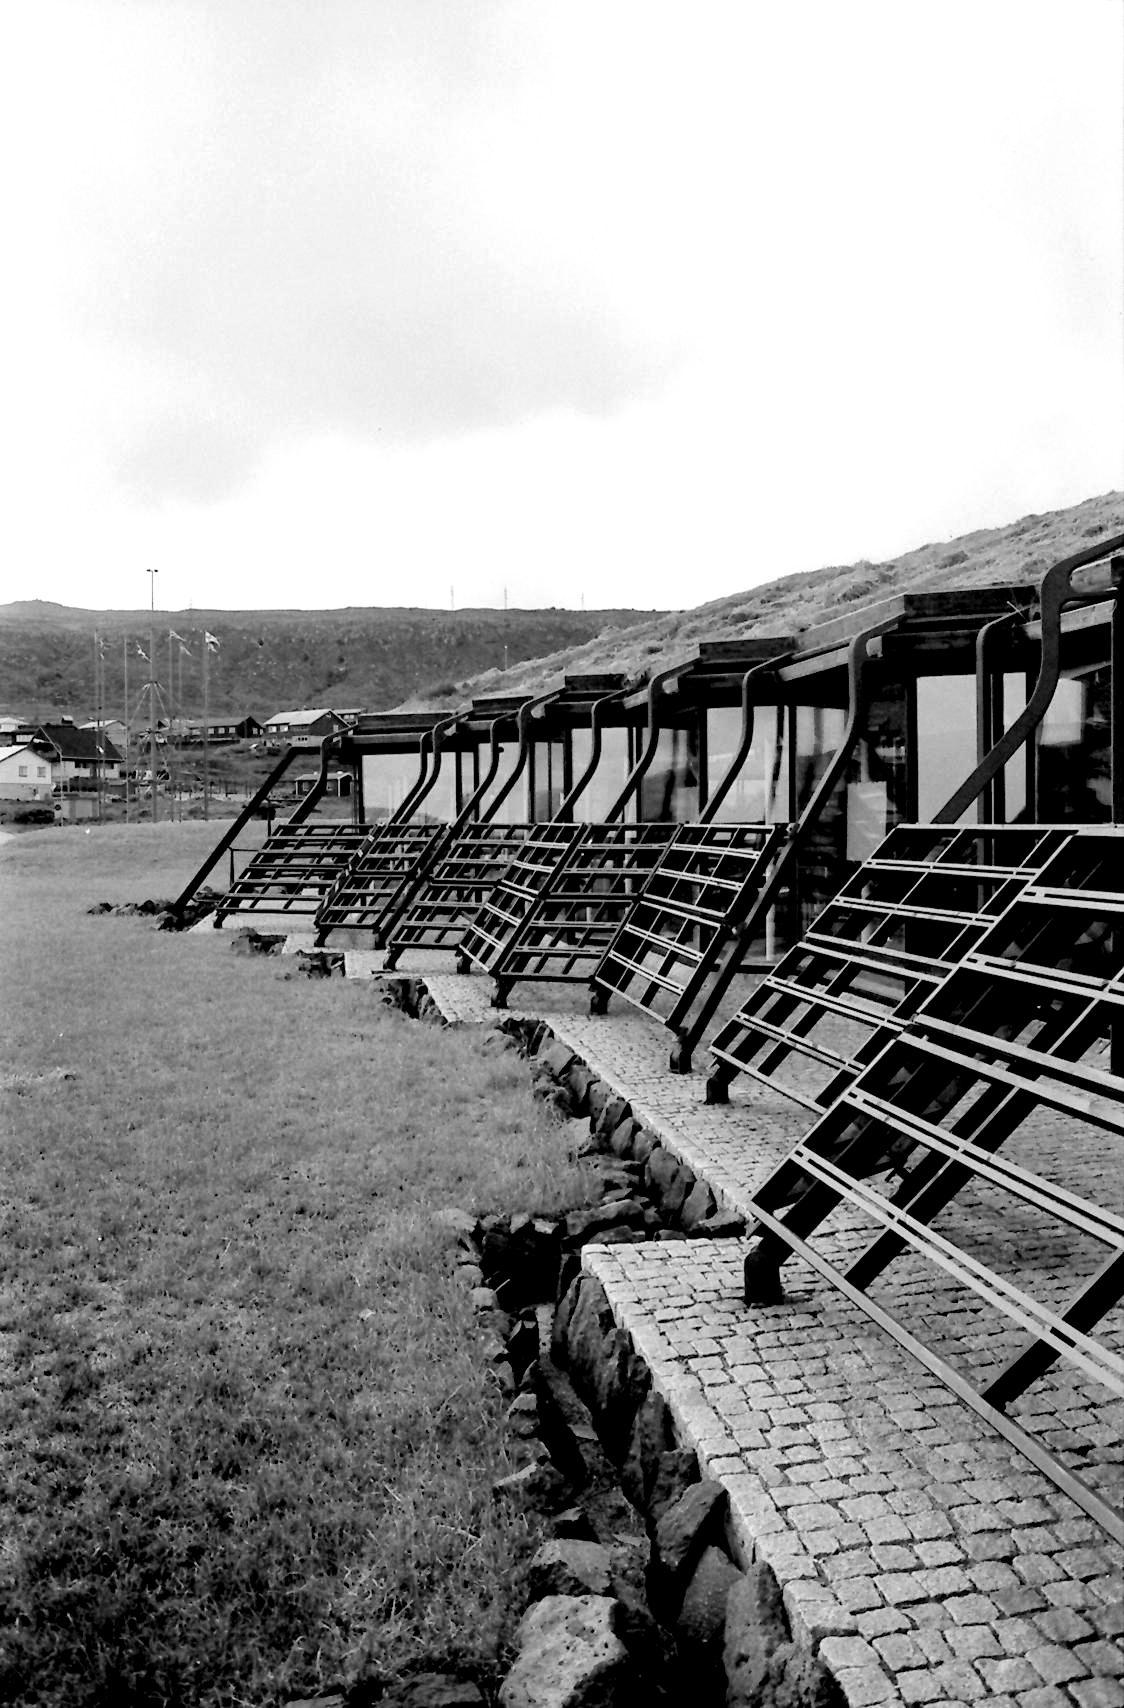 Nordens Hus på Færøerne - Wikipedia, den frie encyklopædi